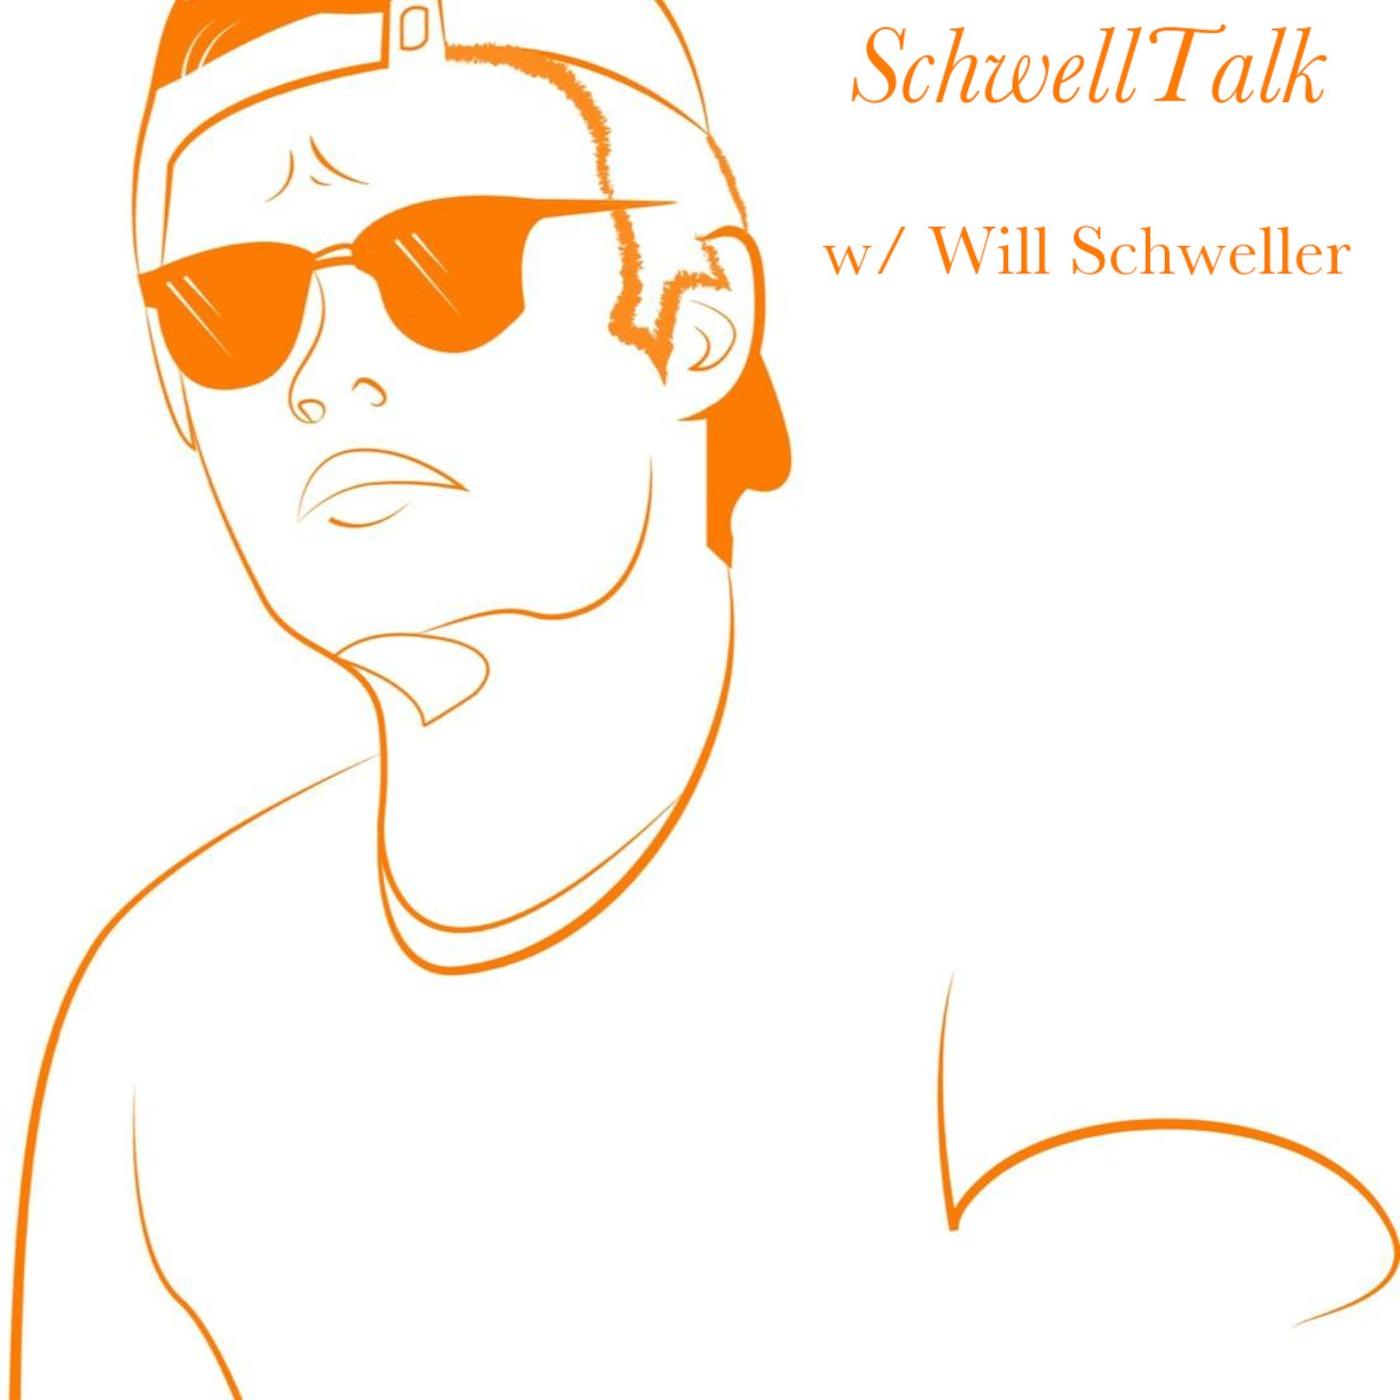 SchwellTalk